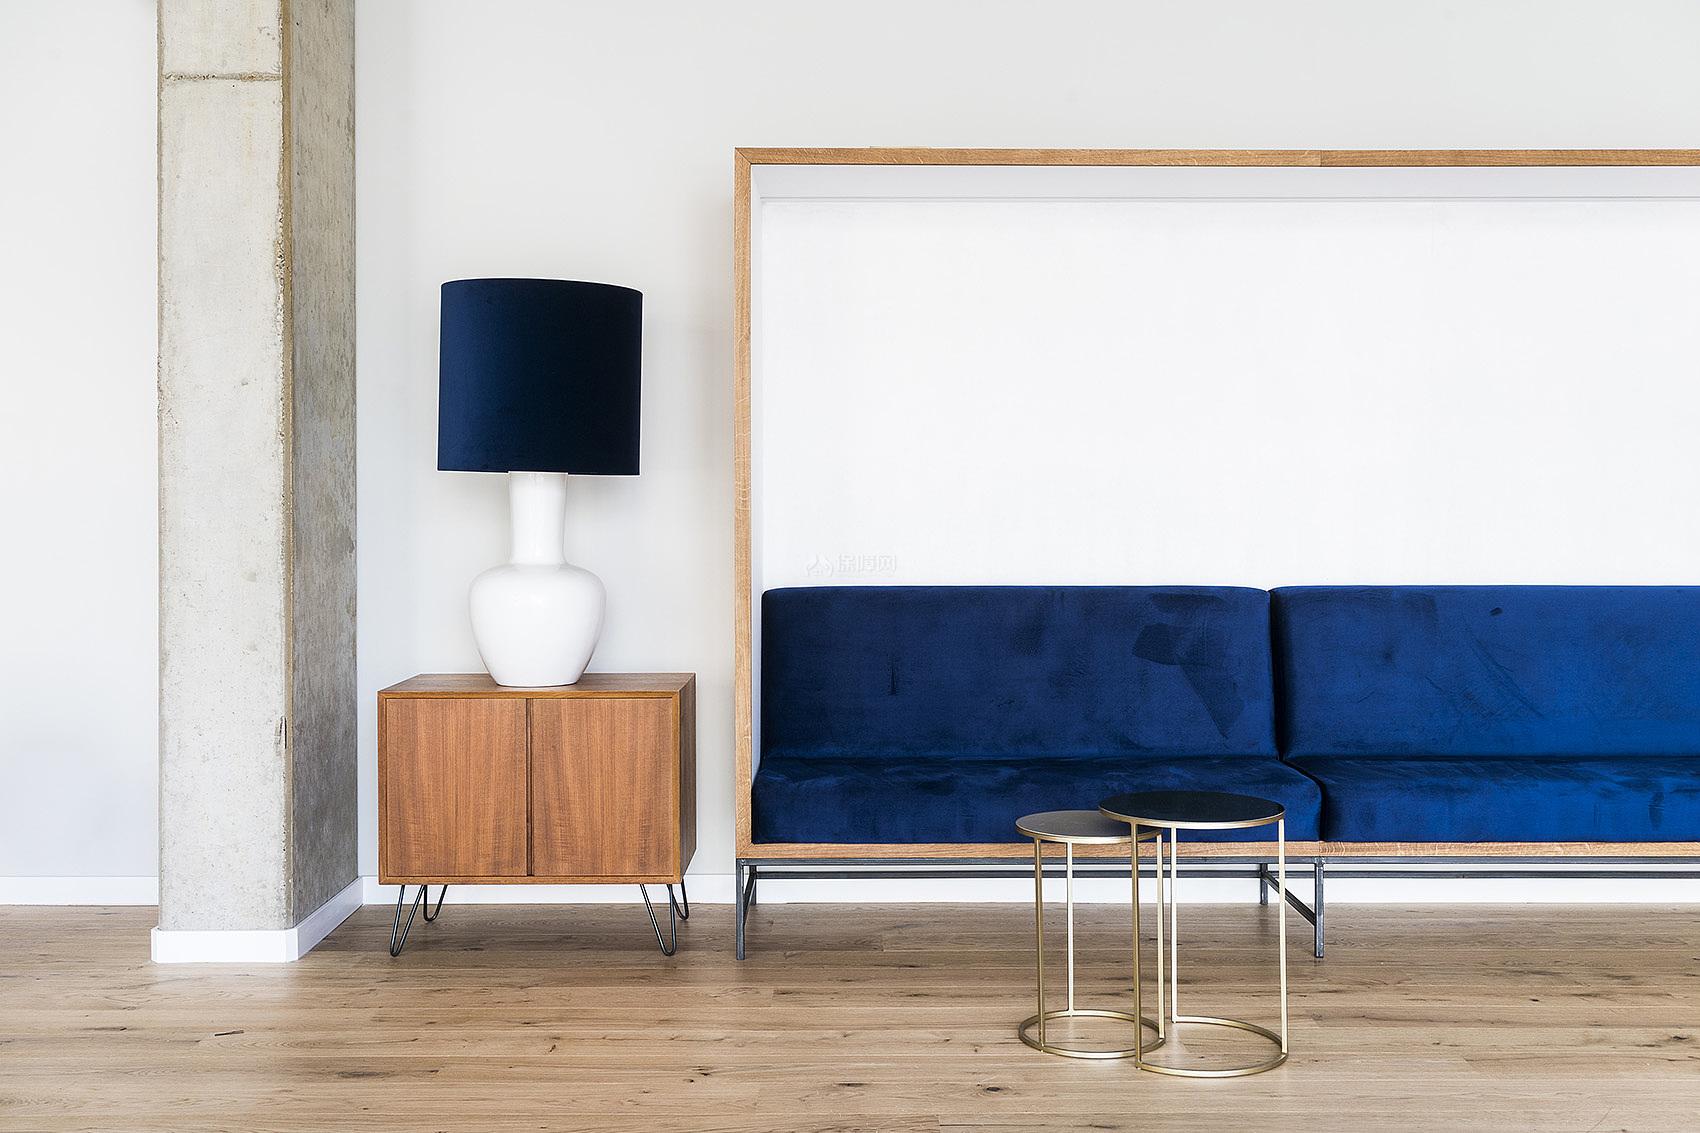 哥廷根Freigeist酒店之公共休闲区沙发布置效果图